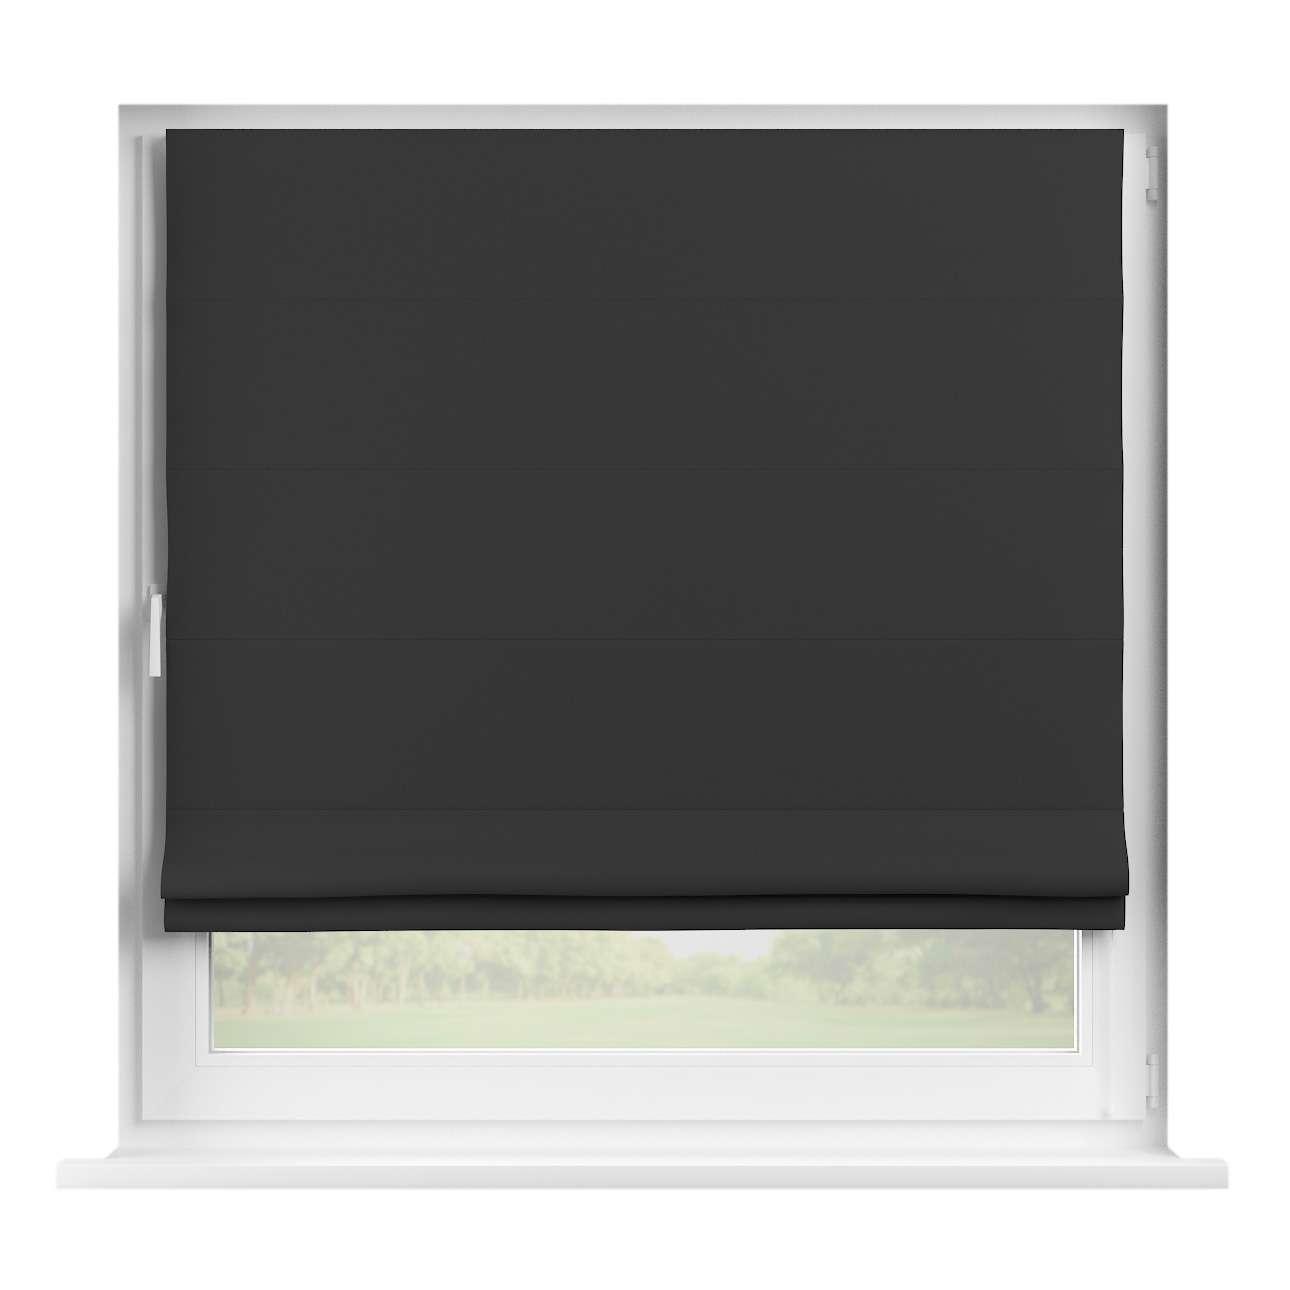 Foldegardiner mørklægning, Sort, 130 x 170 cm - Dekoria